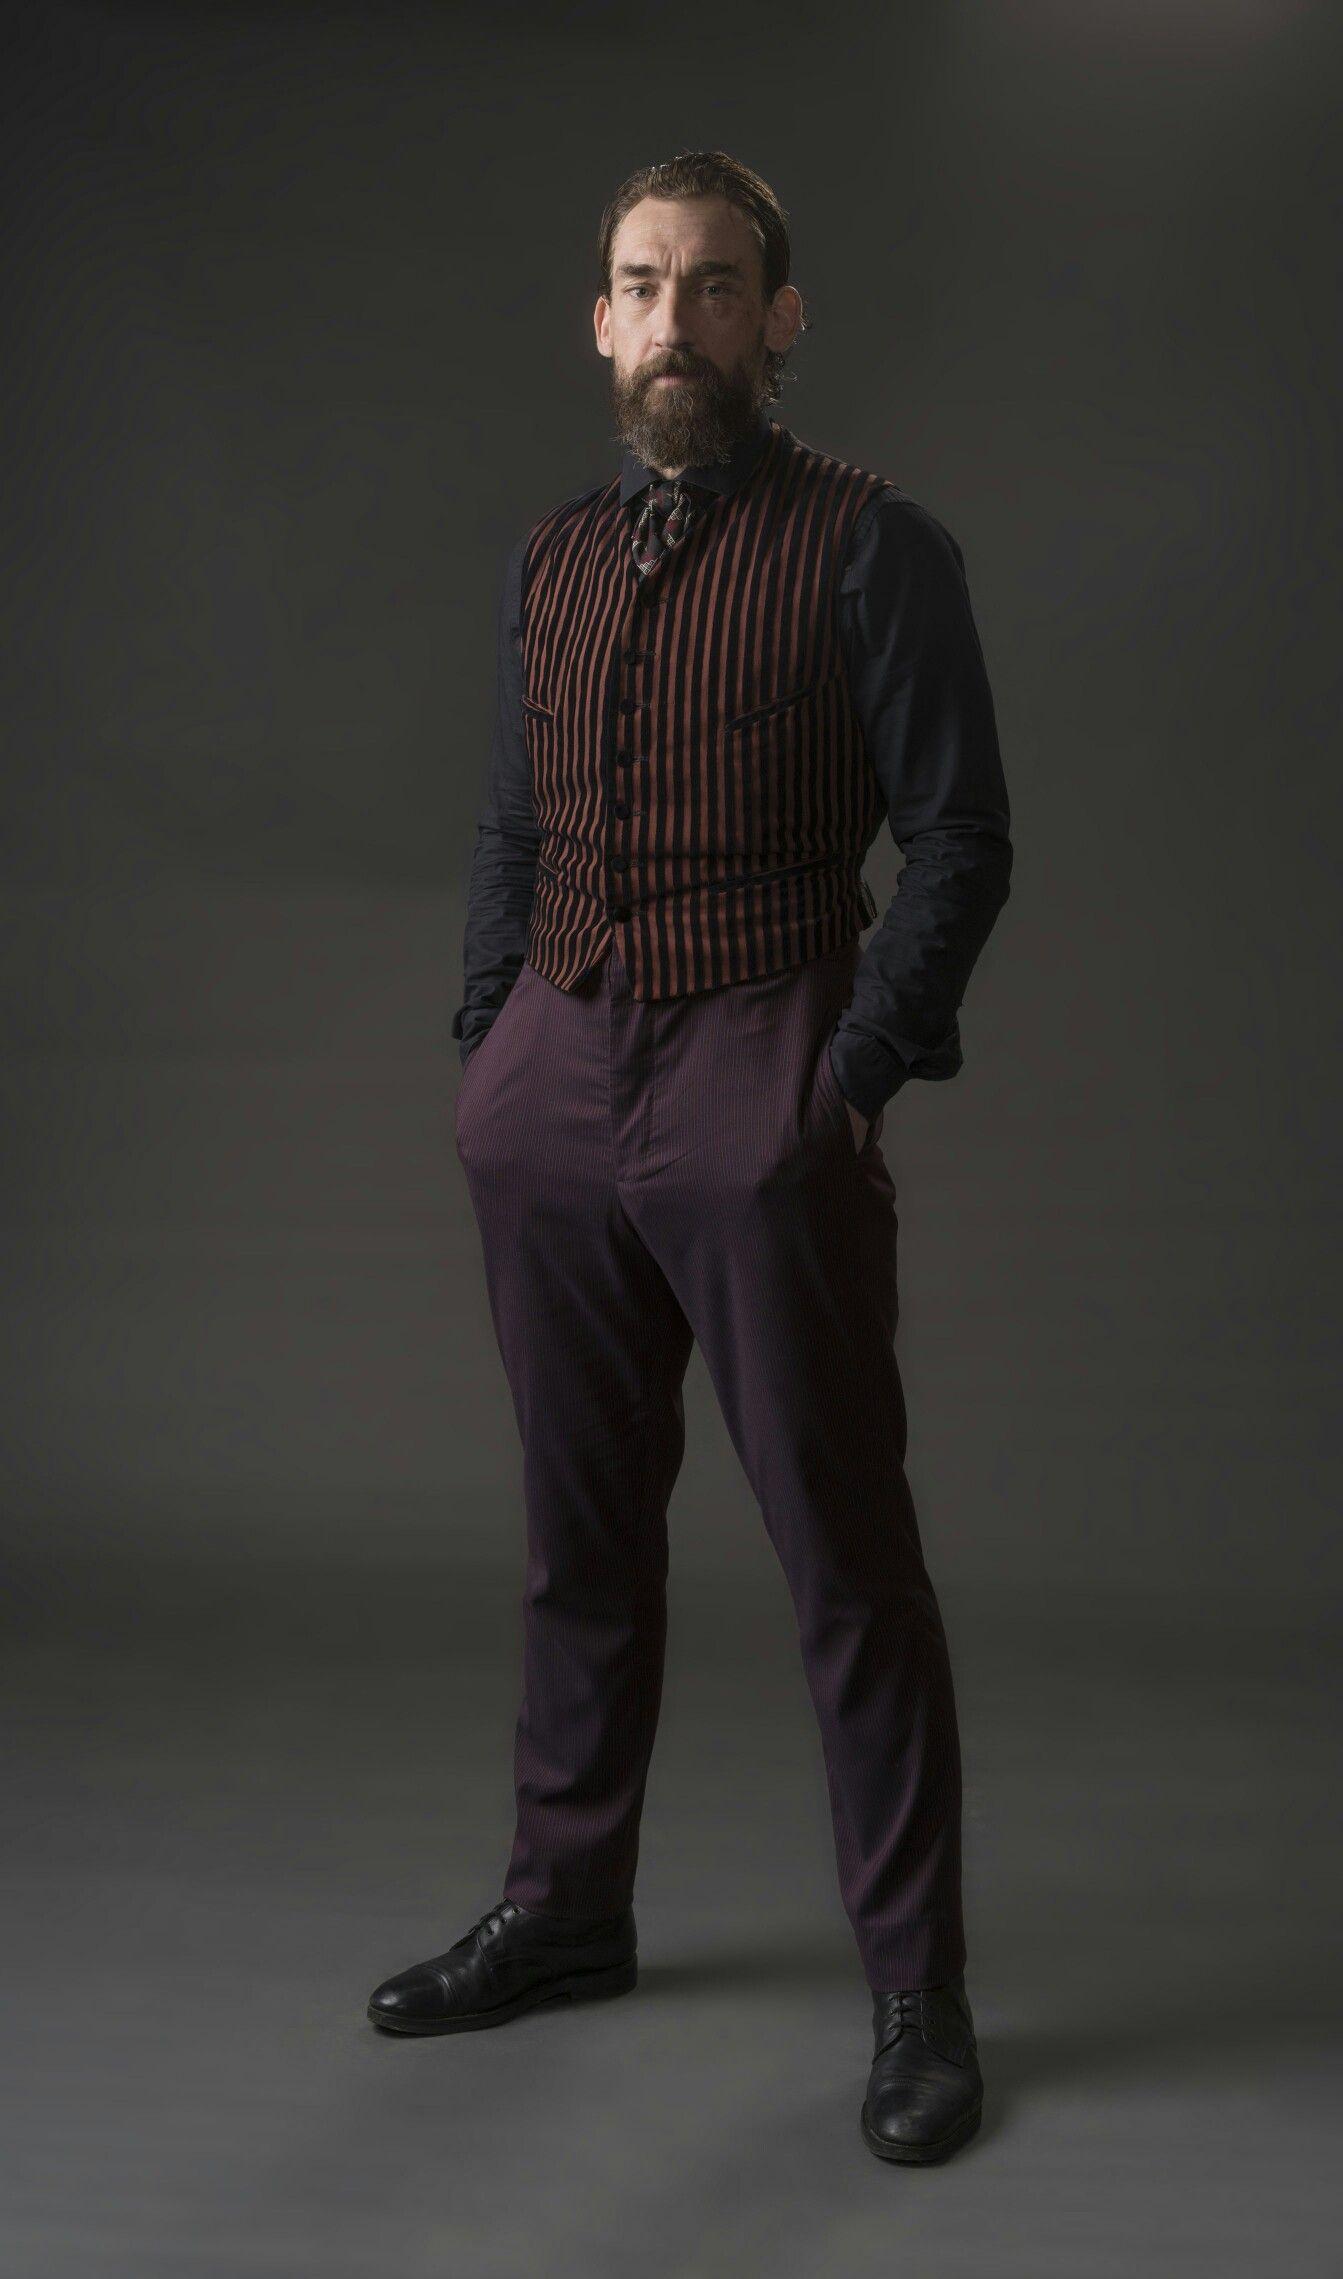 Jedediah Shine In Ripper Street Season 5 Josephmawle Ripper